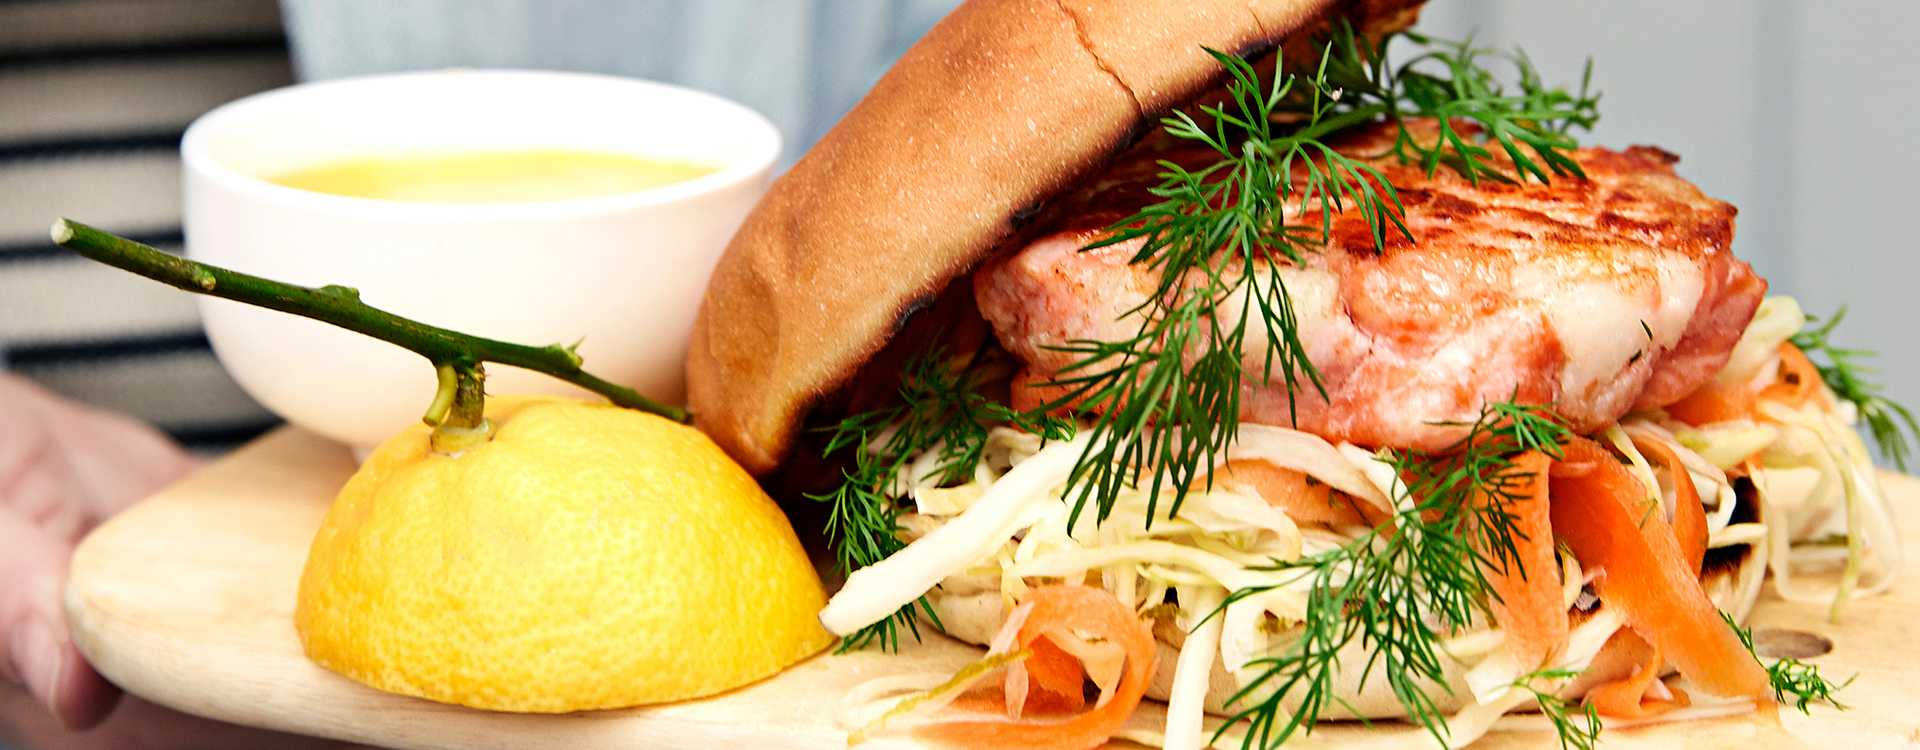 Grillet fiskeburger med dillmarinert kål- og gulrotsalat og aioli